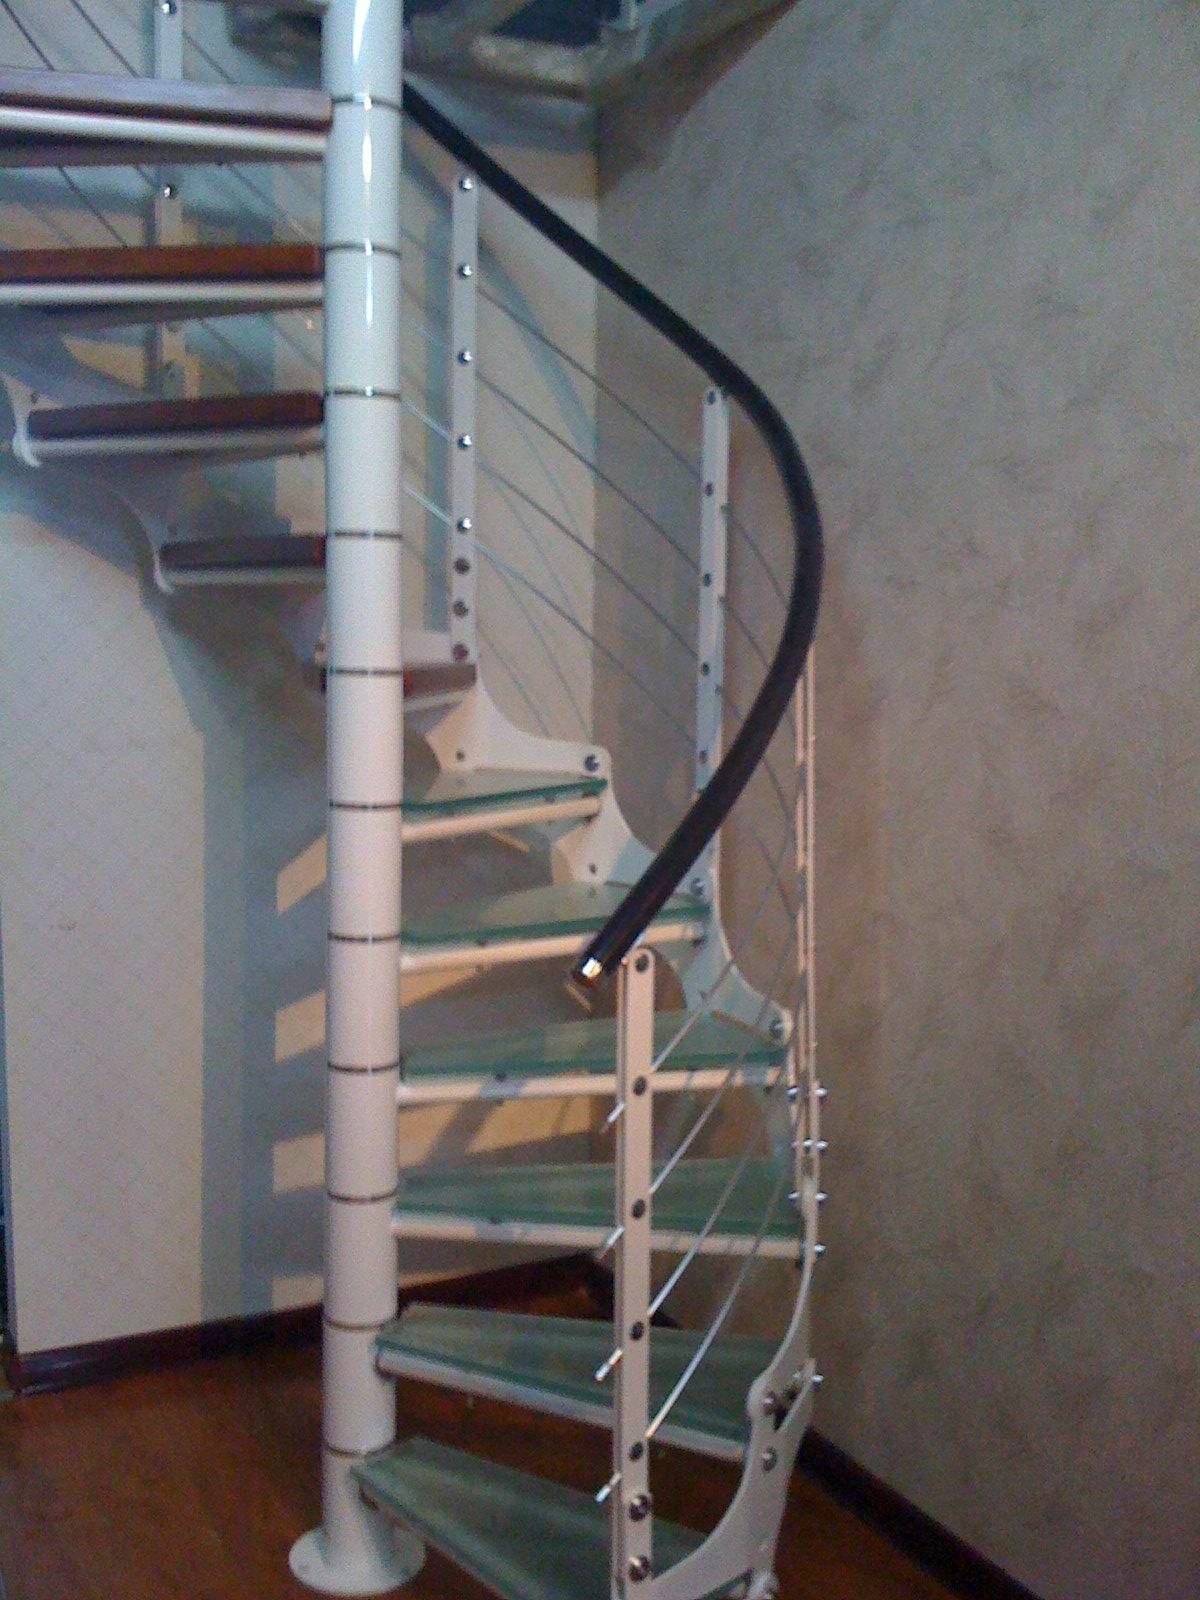 没有中柱的旋转楼梯主要是靠踏步板下的螺旋梁或者楼梯栏杆来支撑荷载,没有中柱的旋转楼梯相对于有中柱的旋转楼梯更加复杂化。   旋转楼梯一般不能作为主要人流交通和疏散的楼梯,常用于楼层不多的写字楼、居民楼和室内使用。